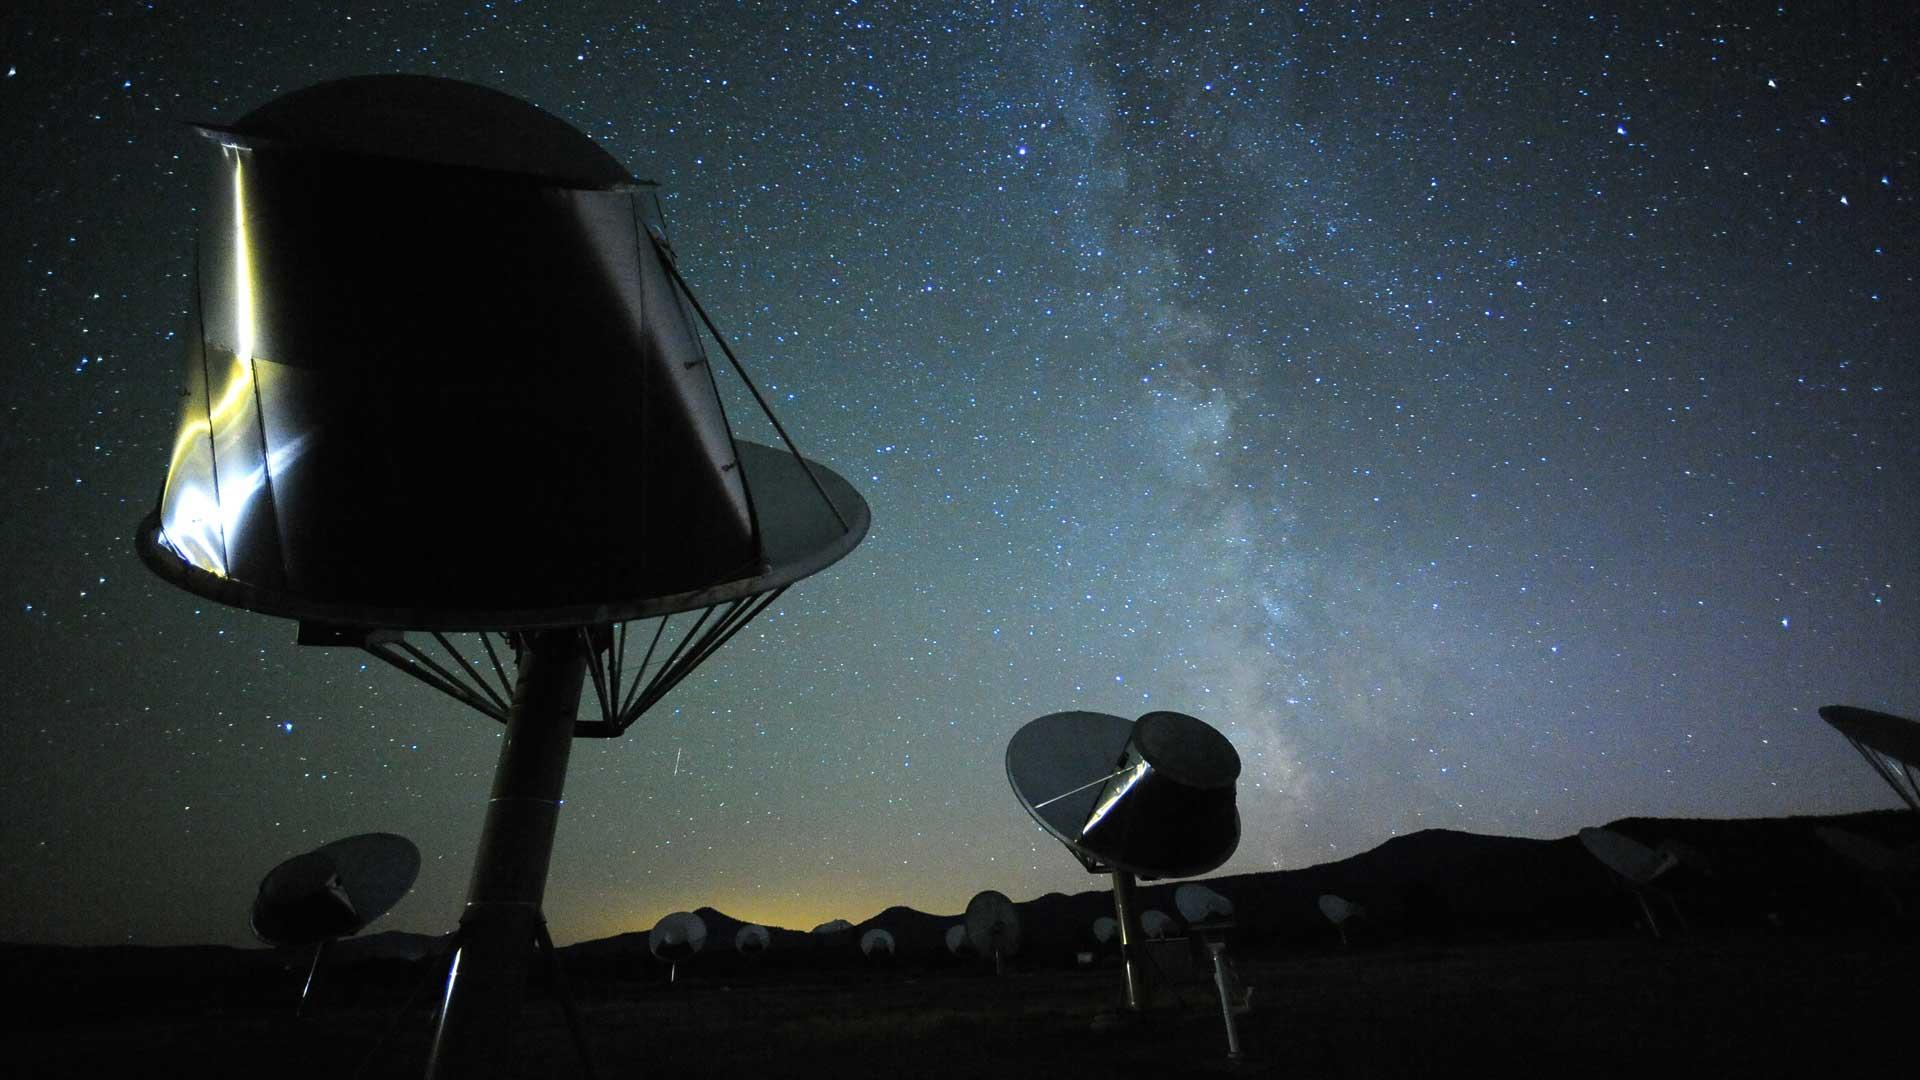 Allen Telescope Array - Seti